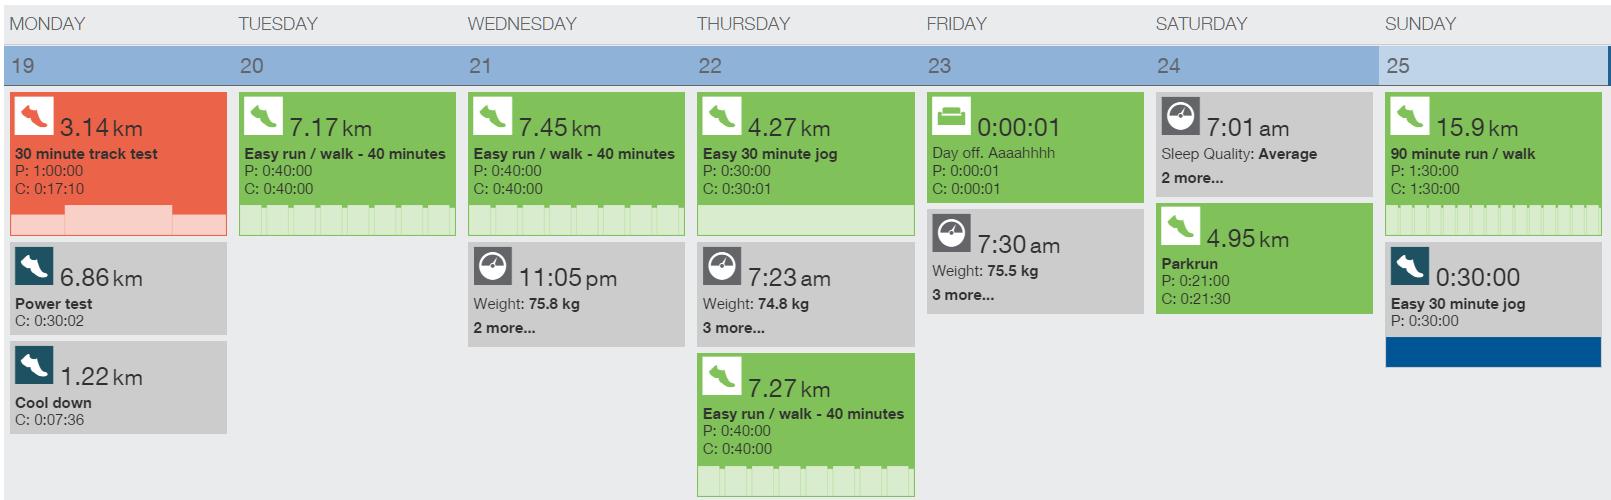 training_peaks_week1_calendar